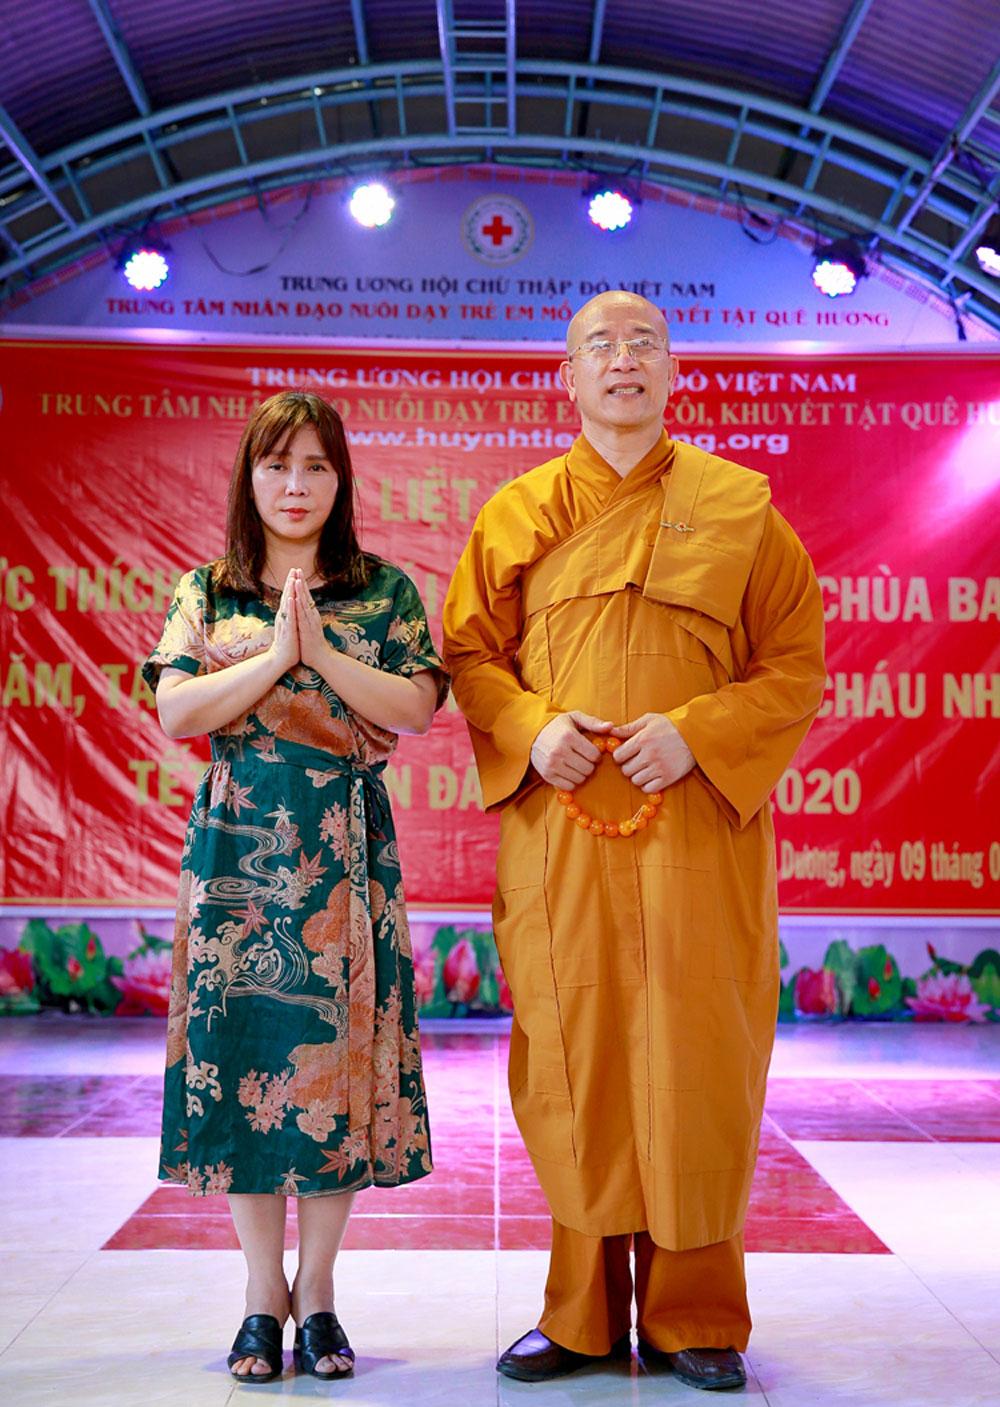 Bà Huỳnh Tiểu Hương - người sáng lập ra Trung tâm nhân đạo Quê Hương